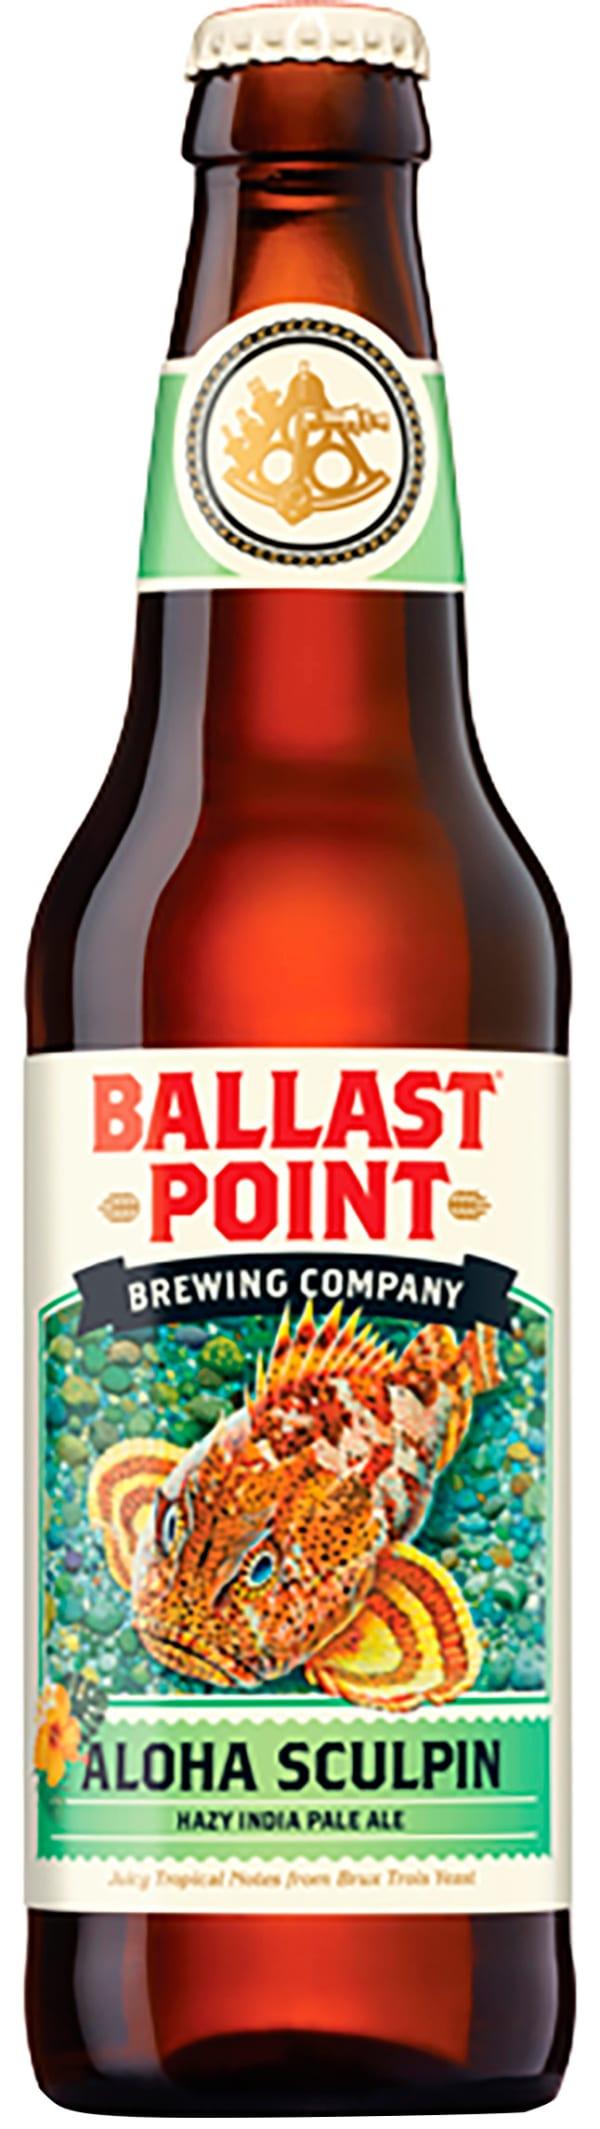 Ballast Point Aloha Sculpin Hazy IPA